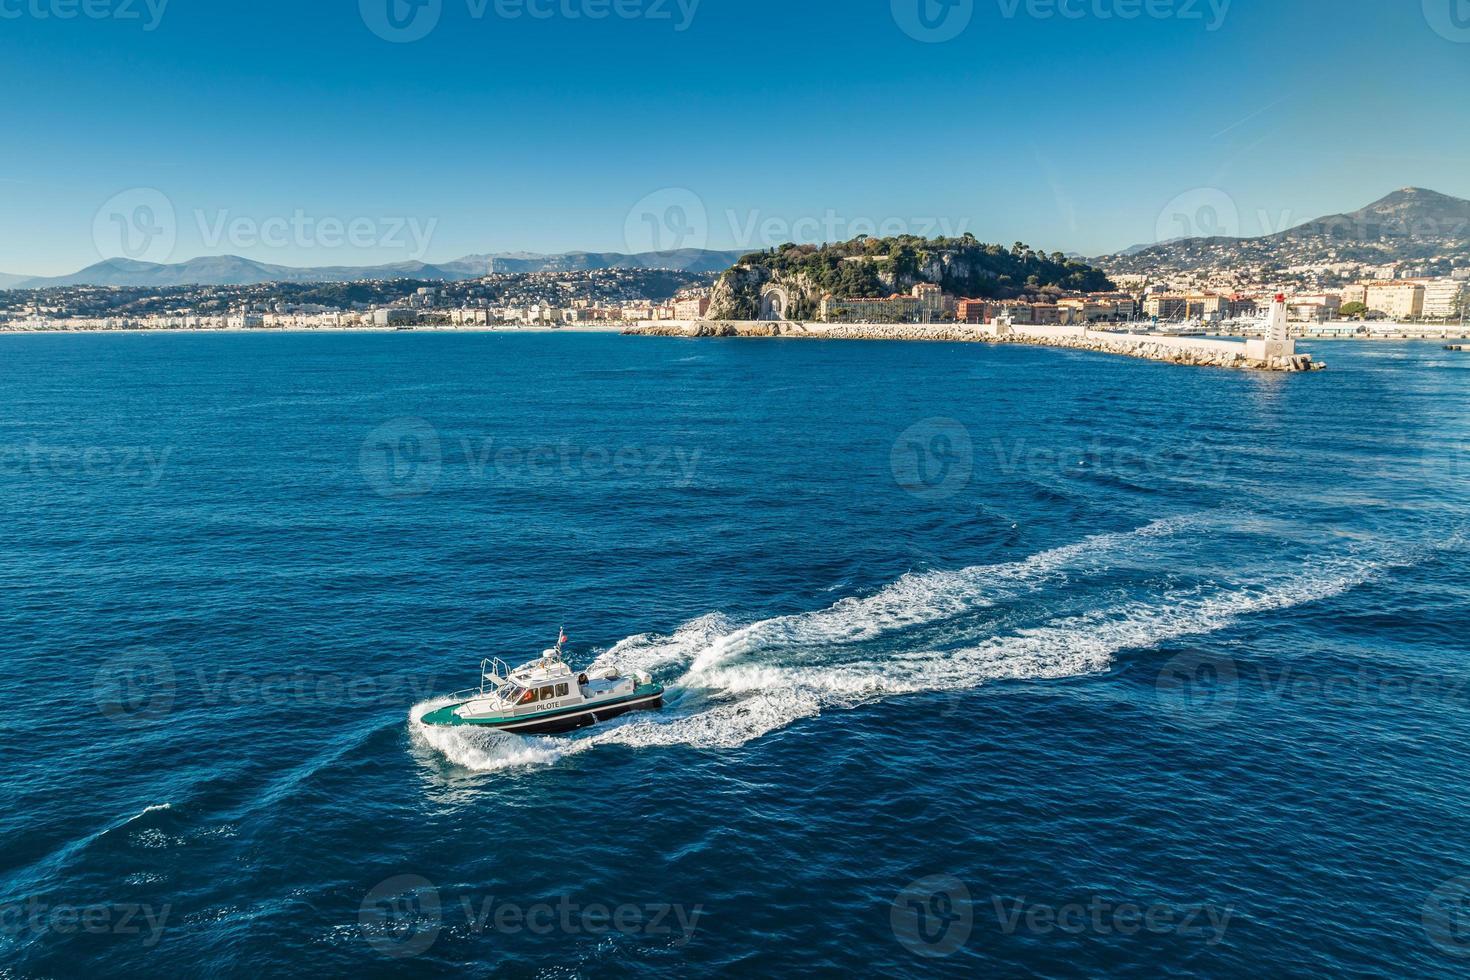 Lotsenboot verlässt schönen Hafen foto